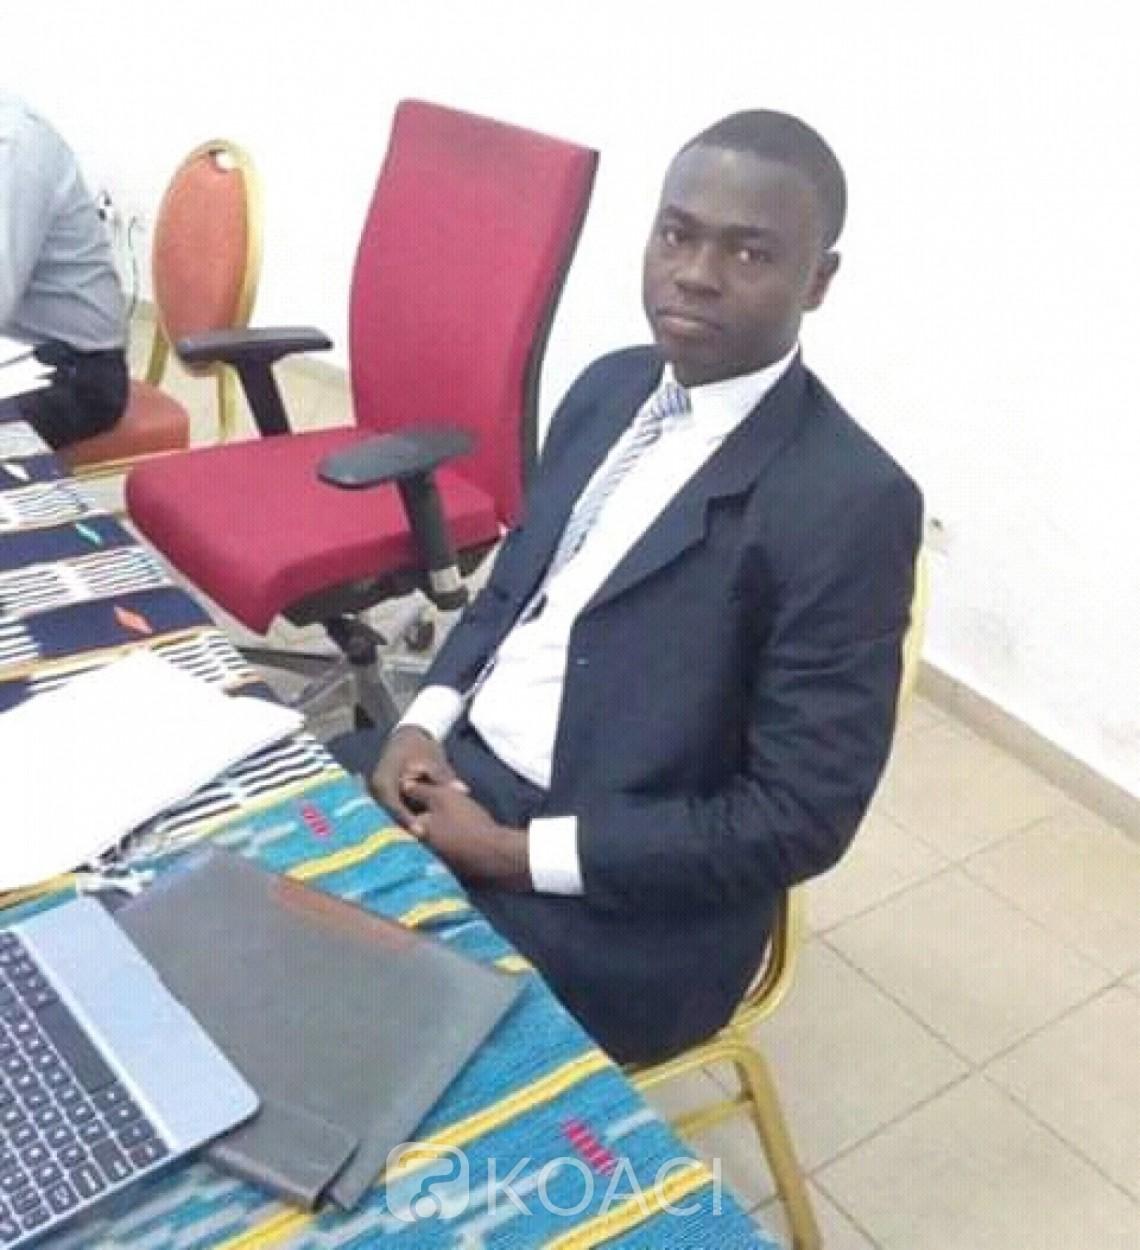 Côte d'Ivoire: Bouaké, un Spécialiste de philosophie politique depuis l'UAO aux Ivoiriens,  en 2020, nous sommes tous des « Présidents 20 sur 20 »